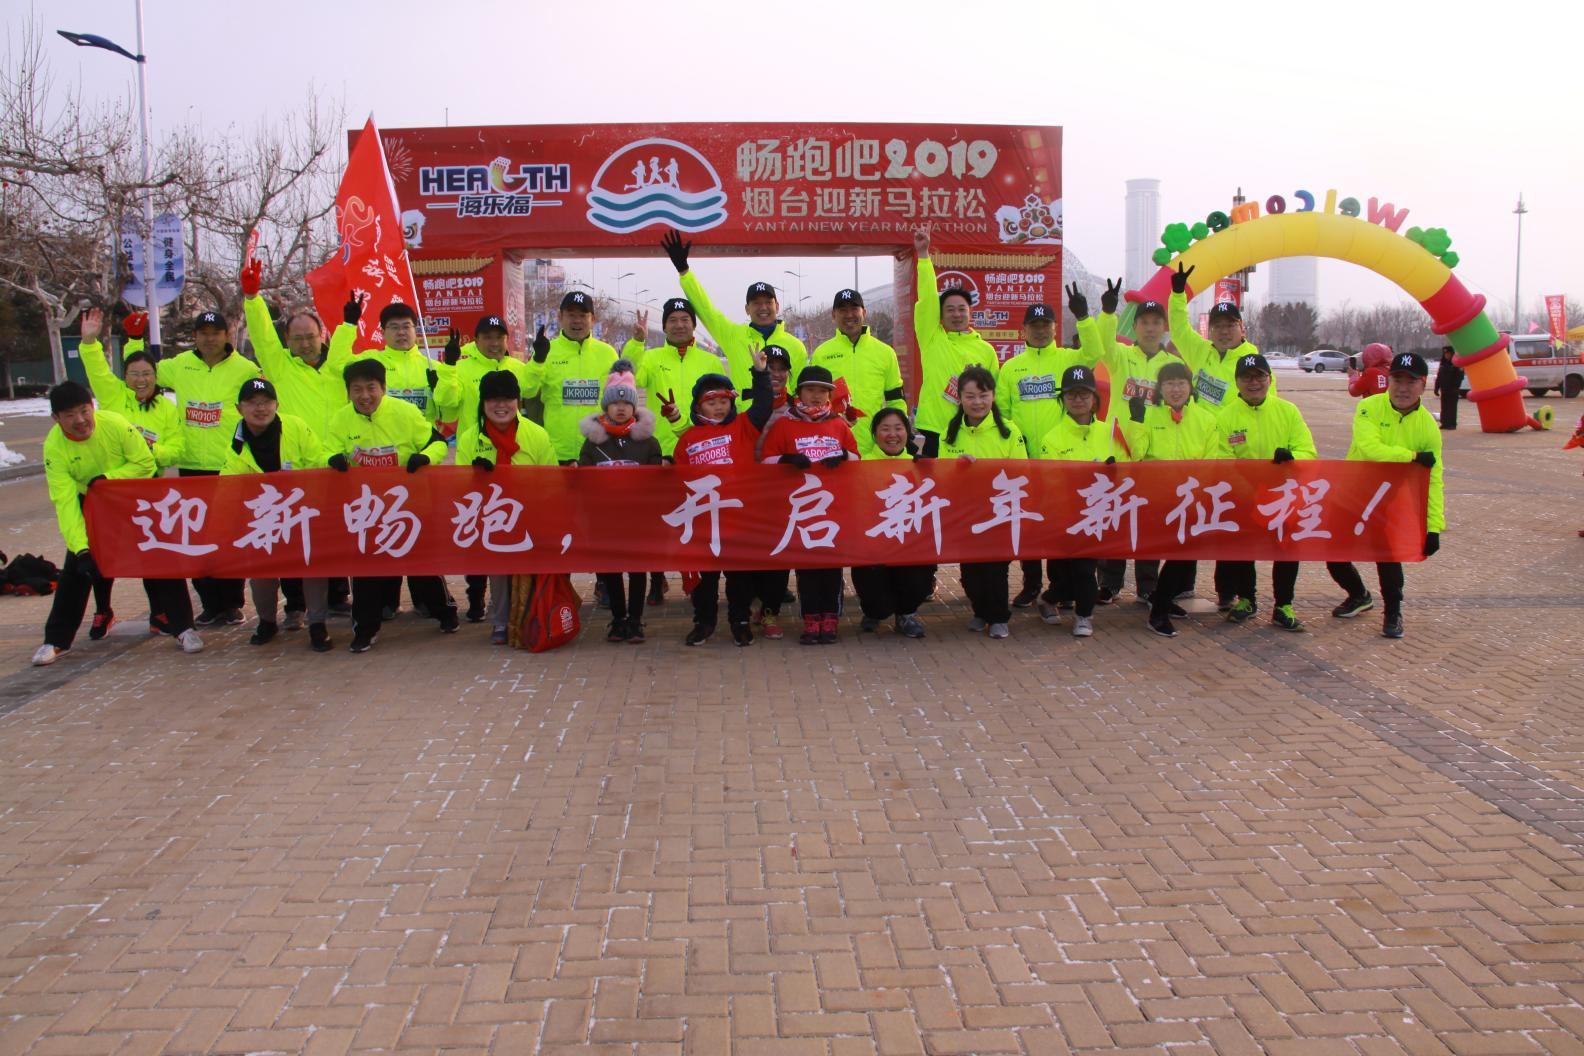 2019年1月10bet悦跑团参加迎新马拉松